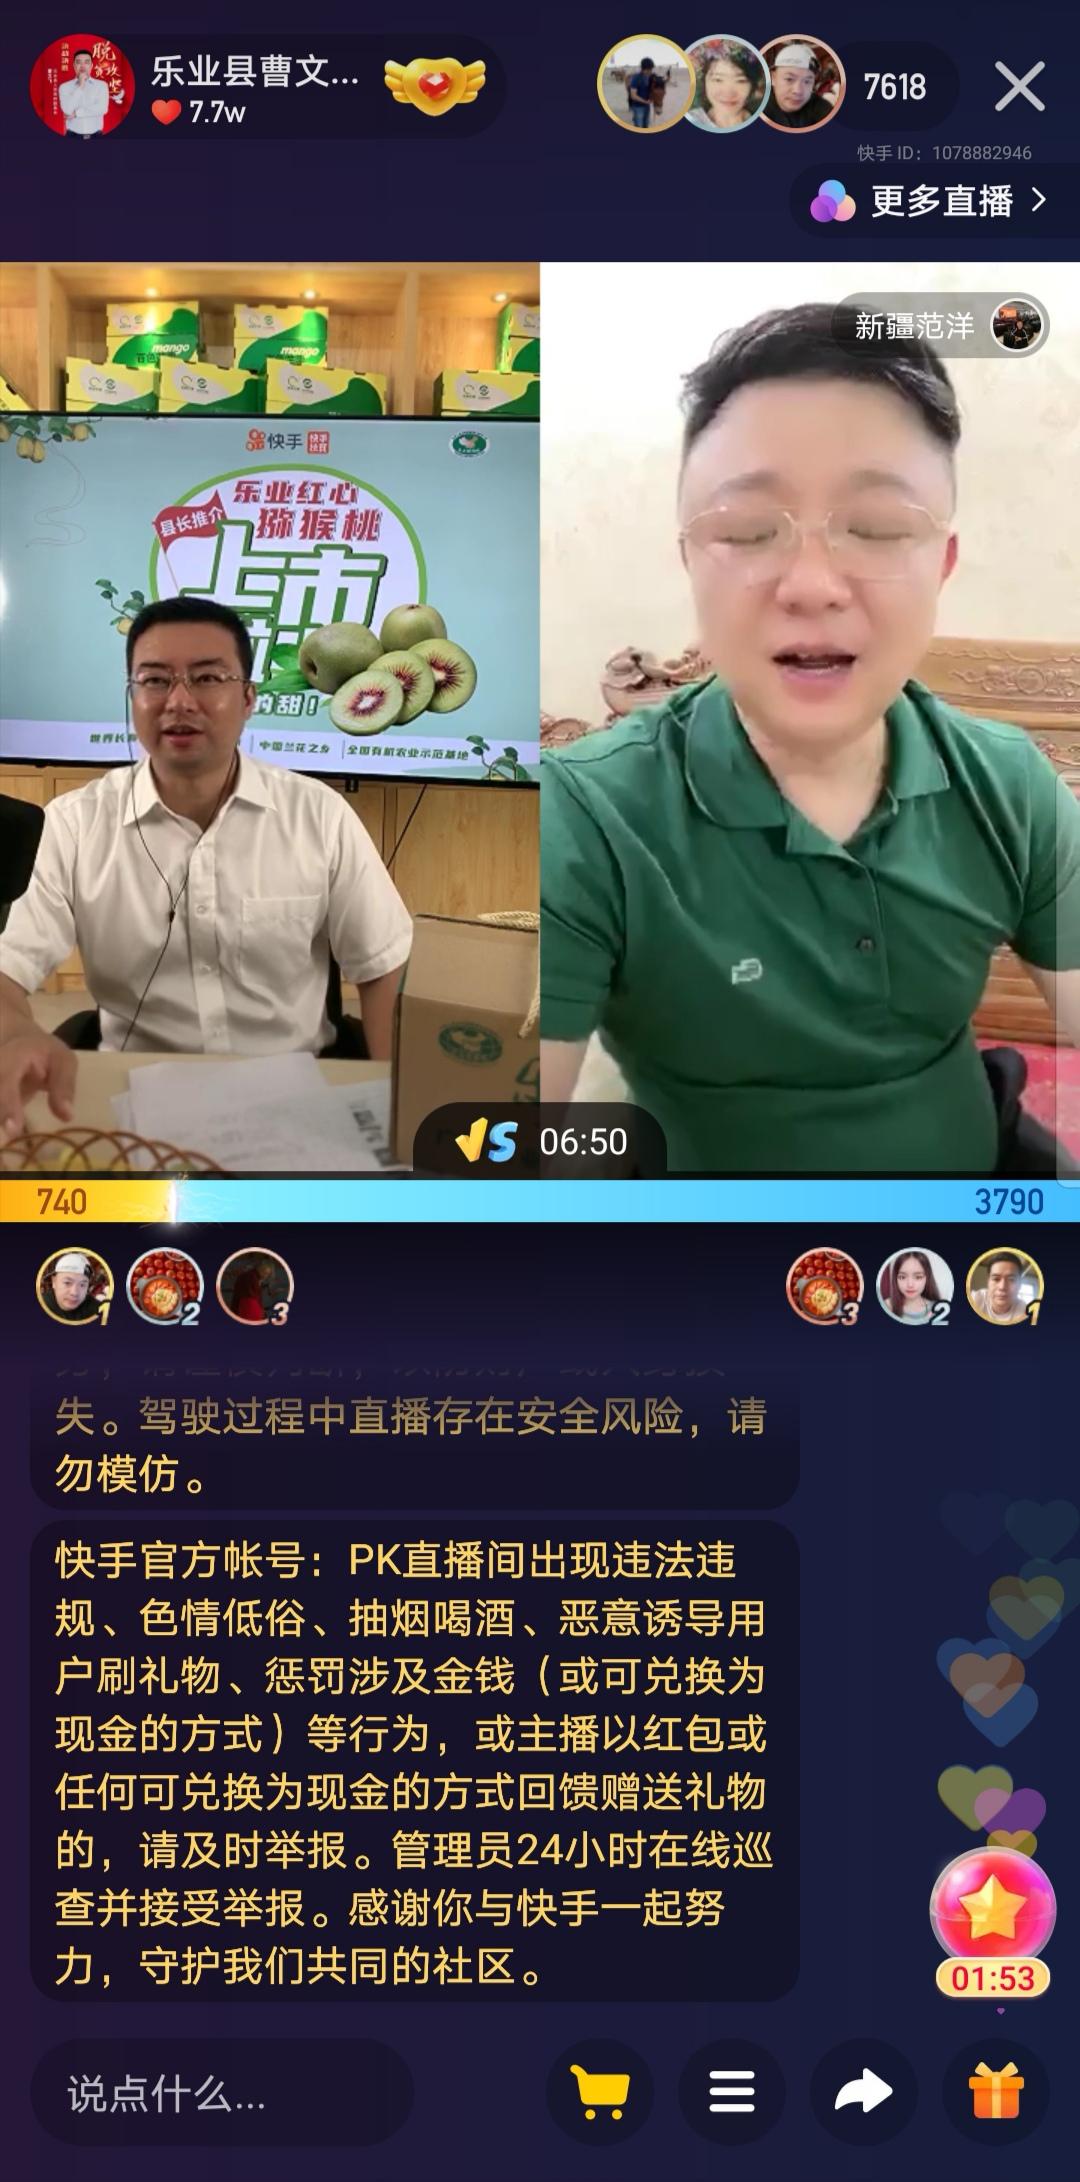 """快手发布""""市场县委书记直播助农""""主题活动"""